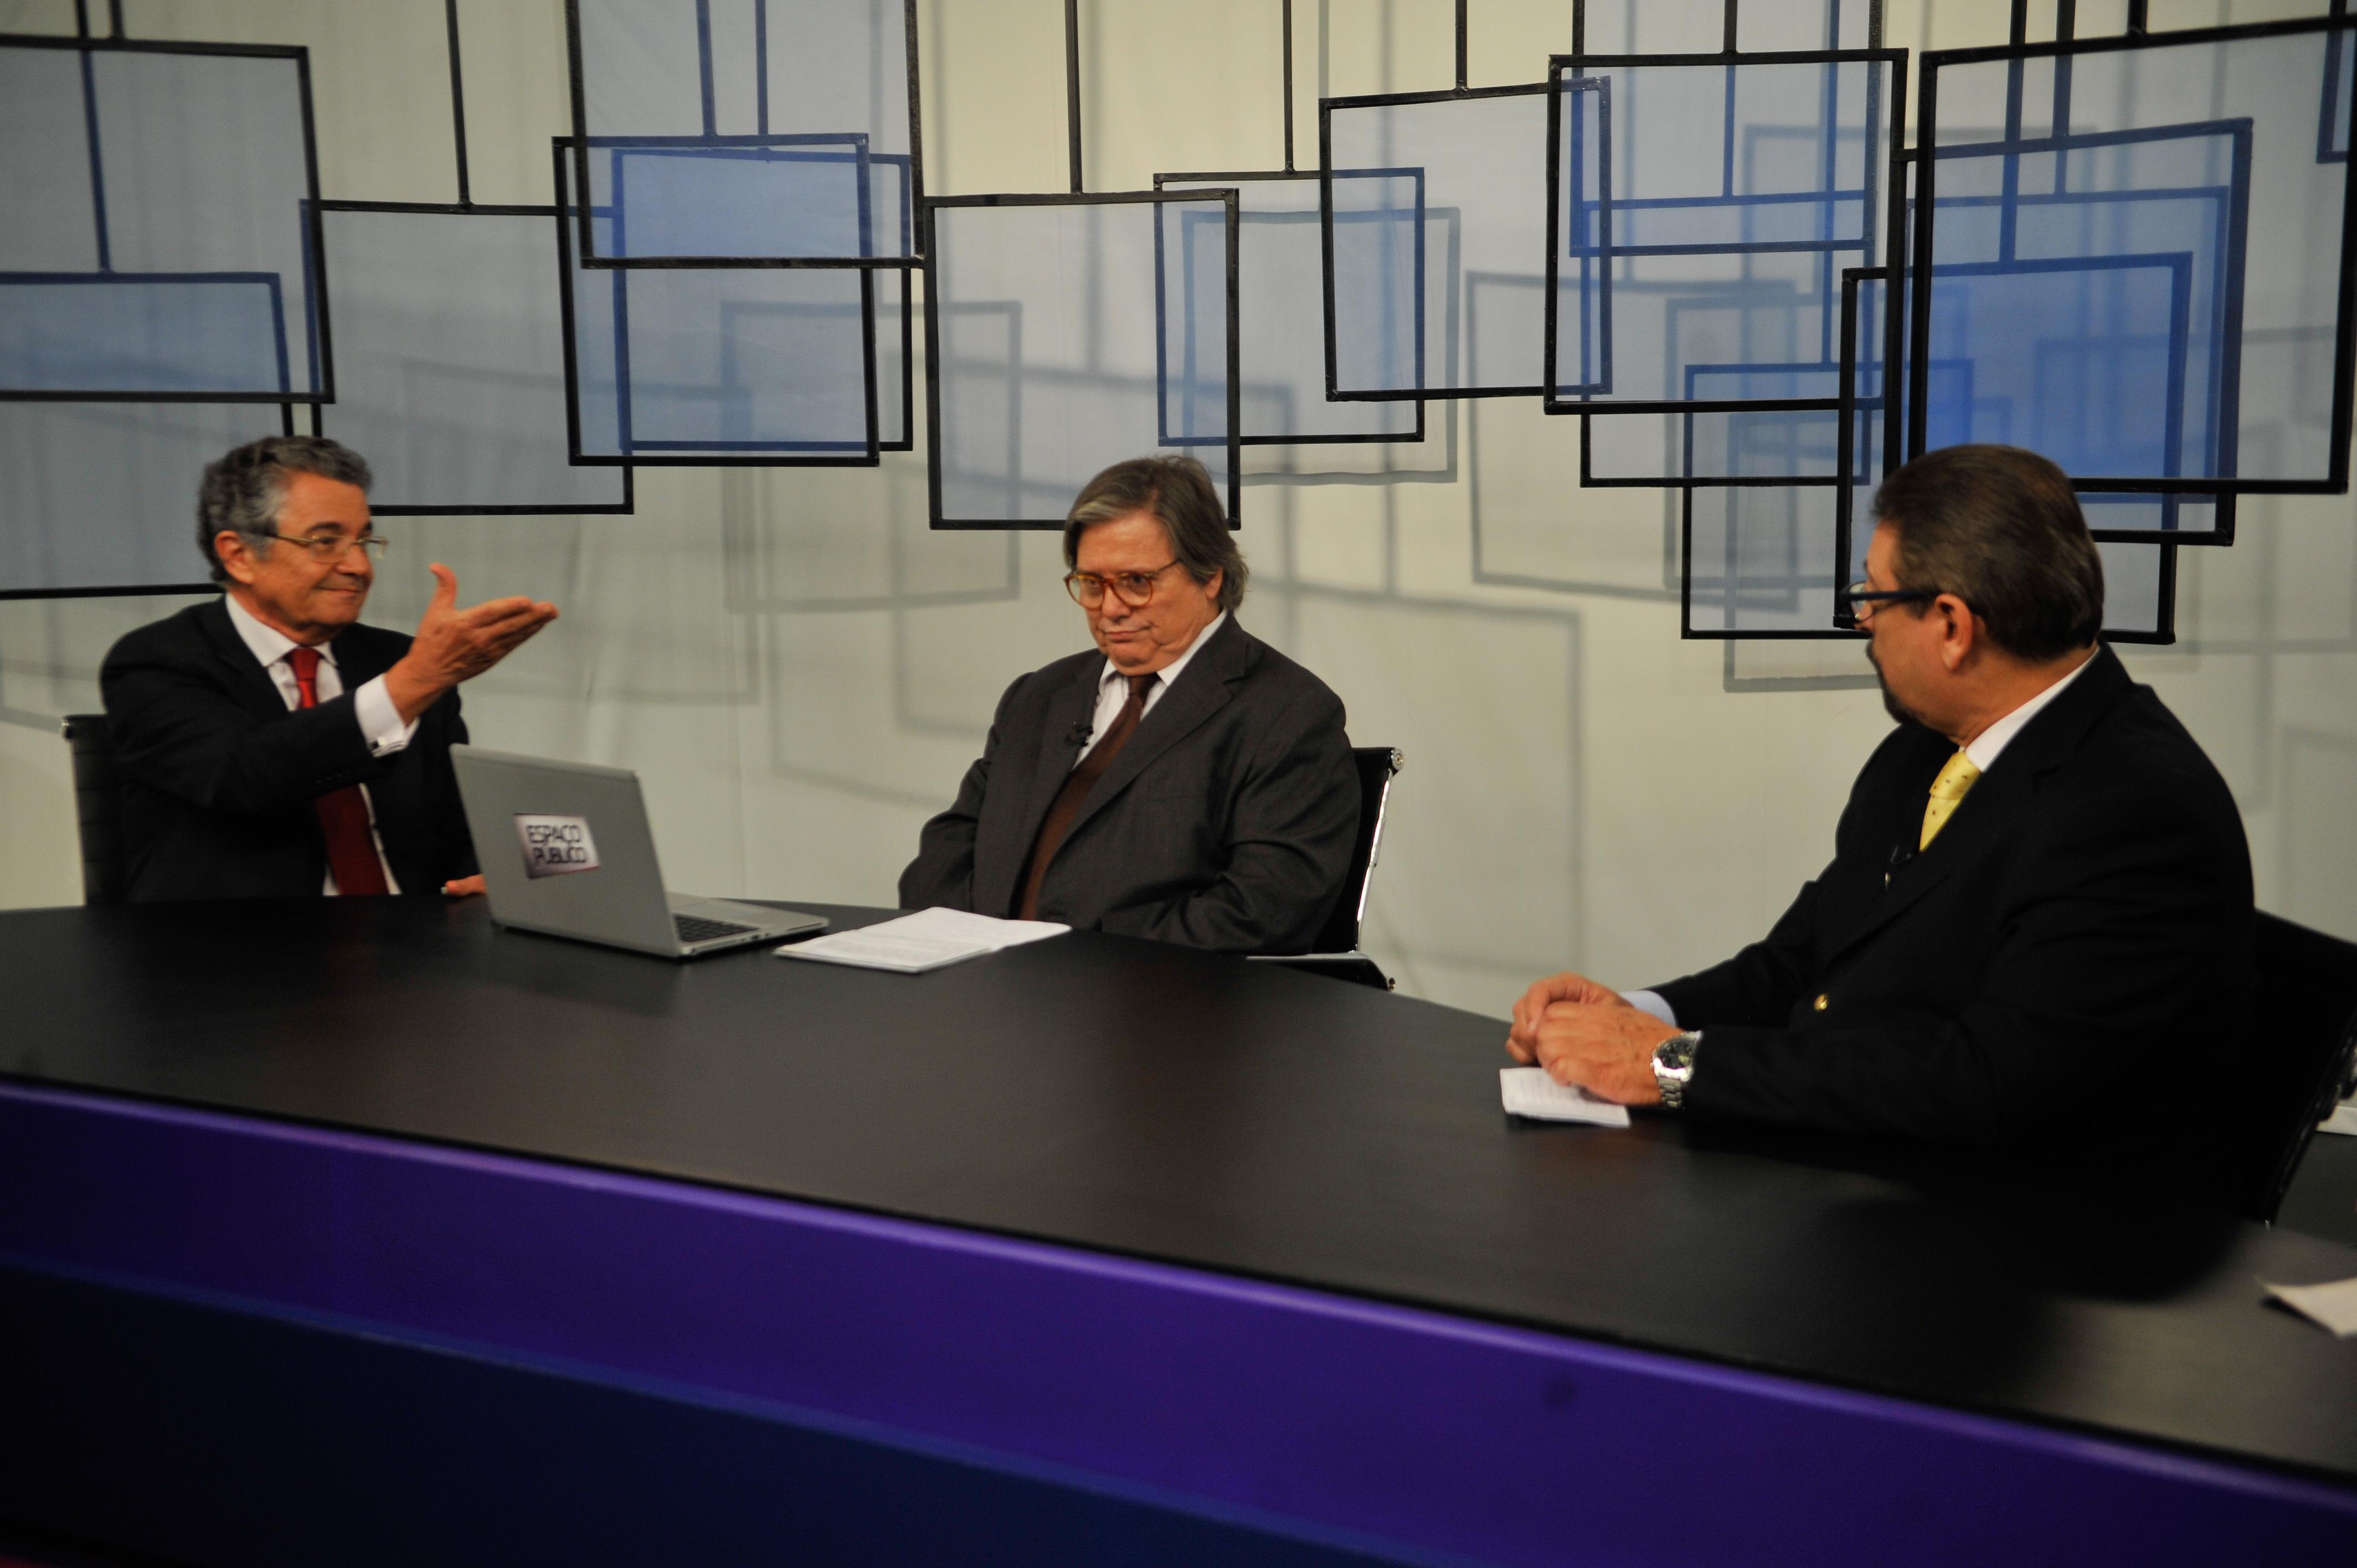 Ministro do STF diz que financiamento privado de campanhas vai sair muito caro para a sociedade